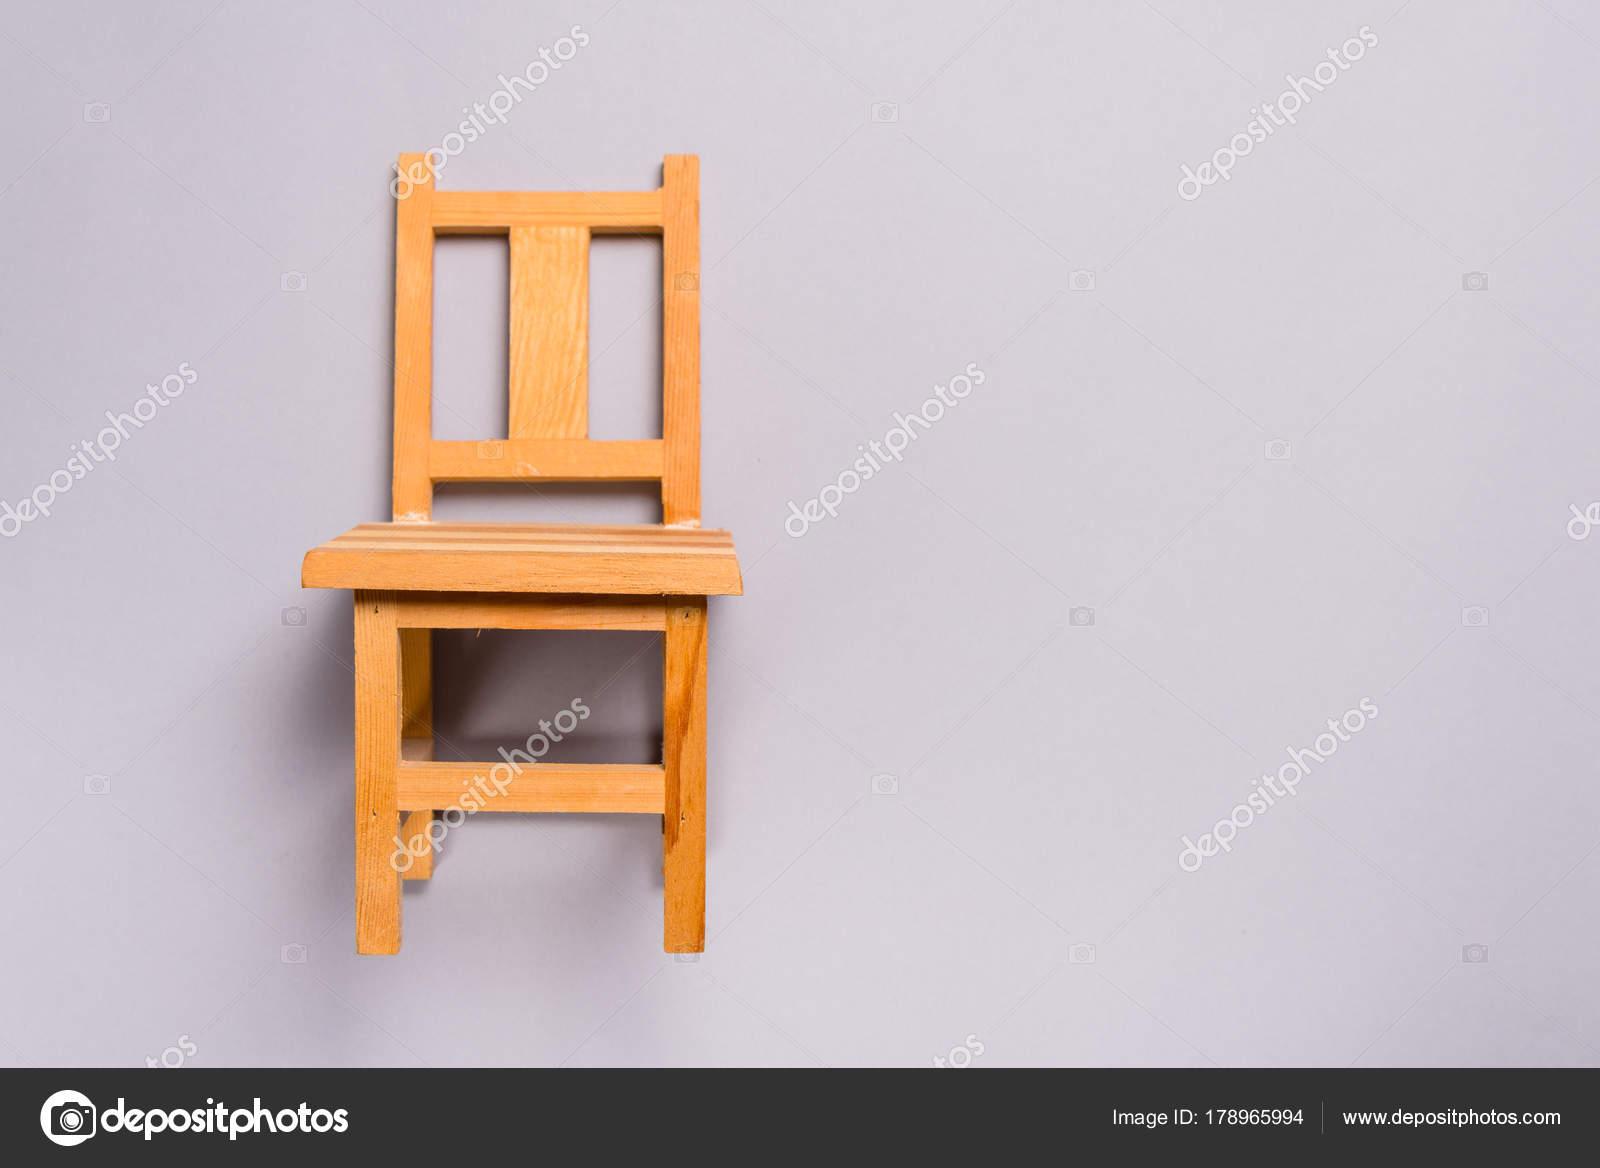 Miniatuur Design Meubels : Houten miniatuur meubels stoel u stockfoto yumis